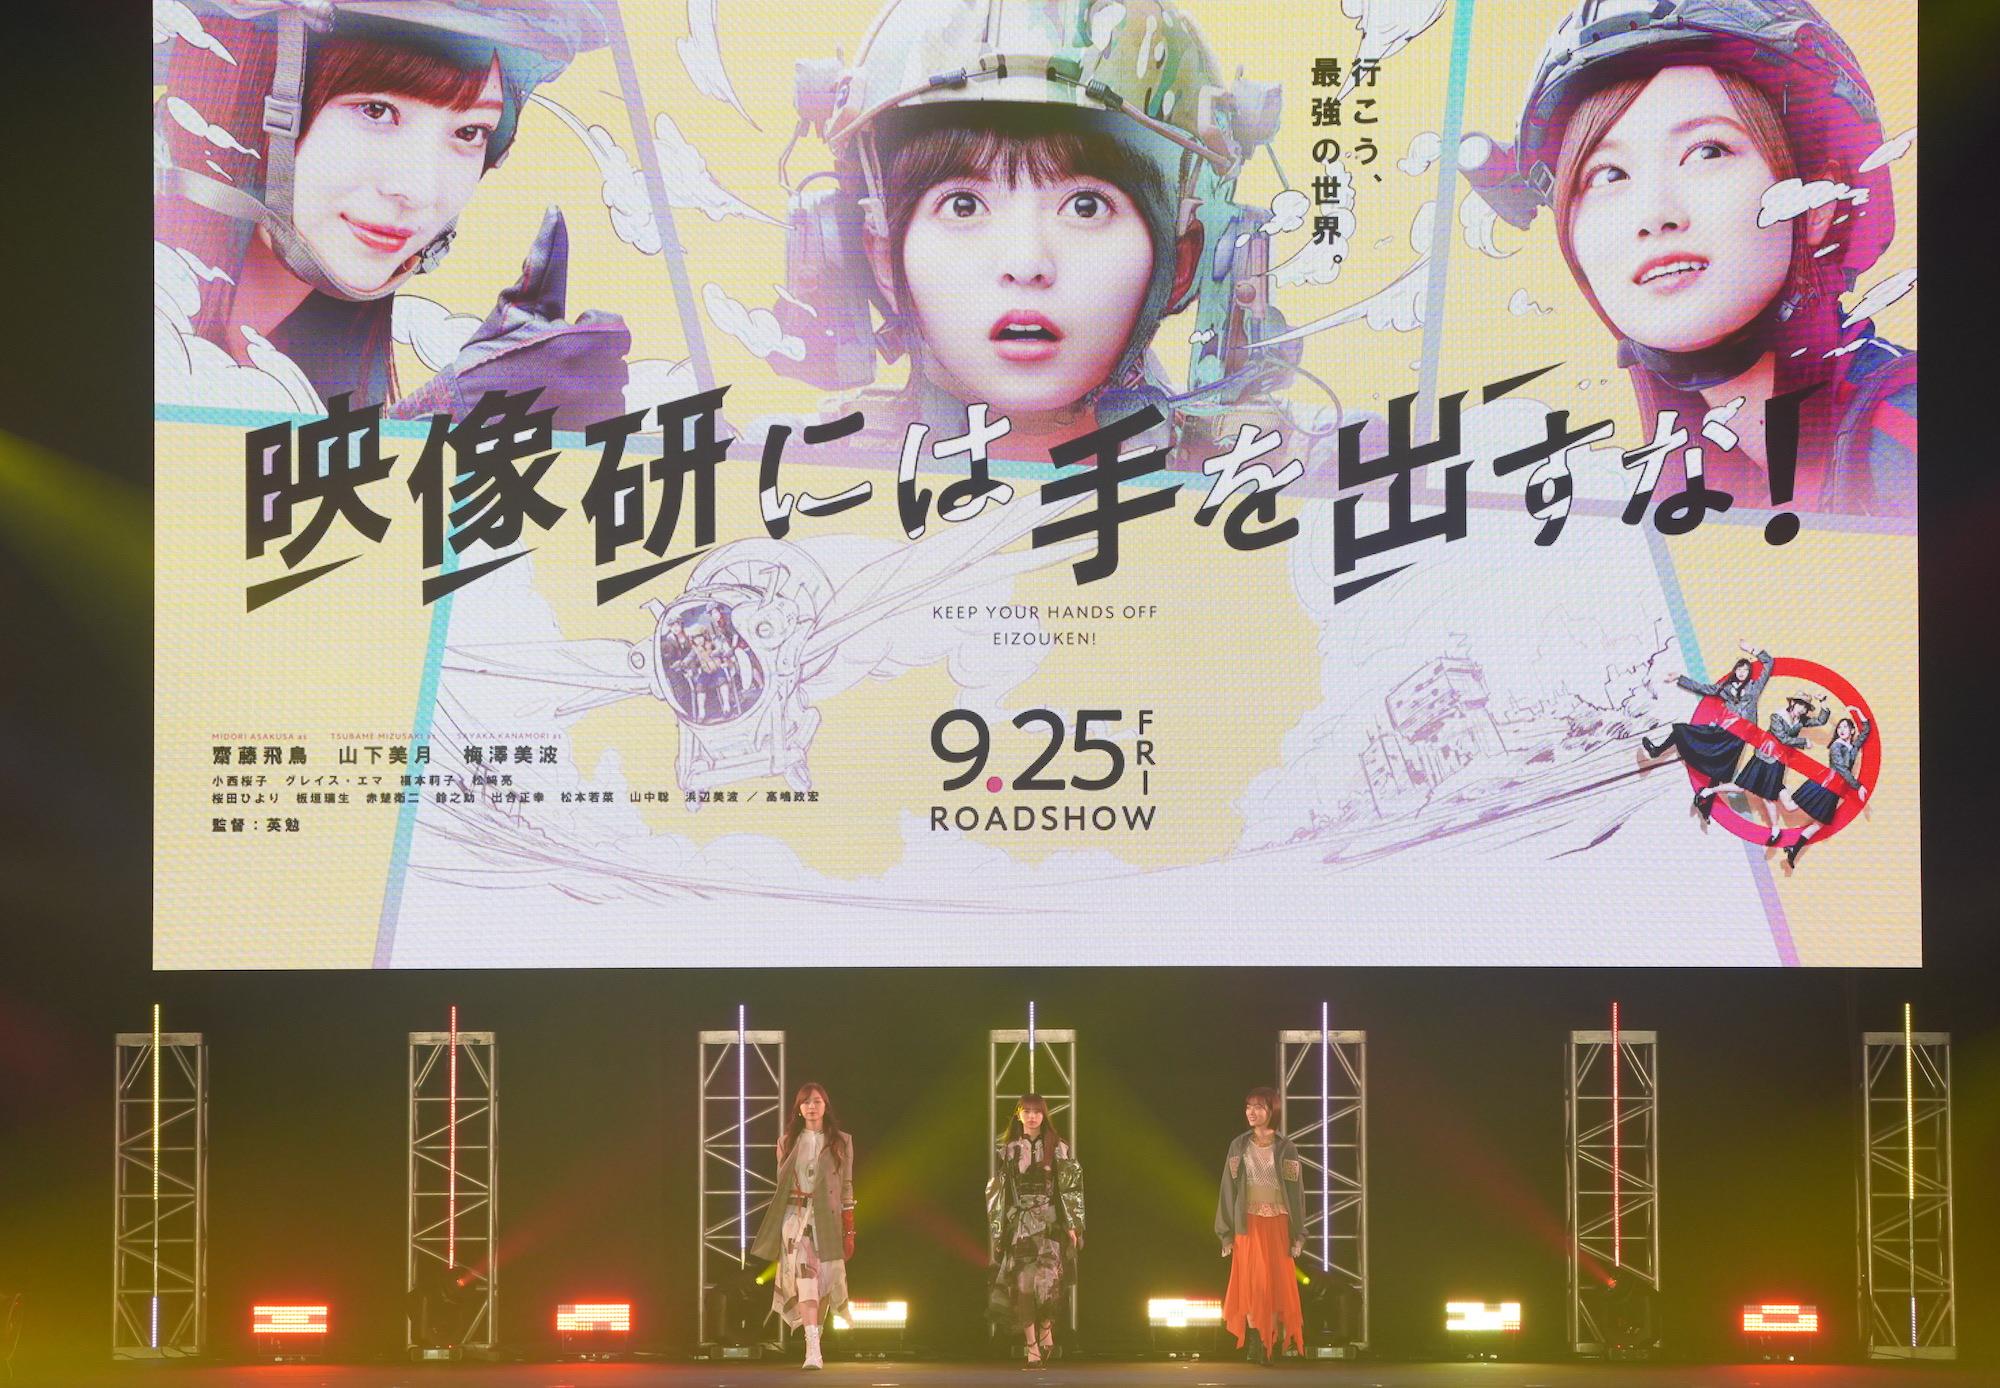 映画『映像研には手を出すな!』ステージでは、出演する乃木坂46から齋藤飛鳥、山下美月、梅澤美波